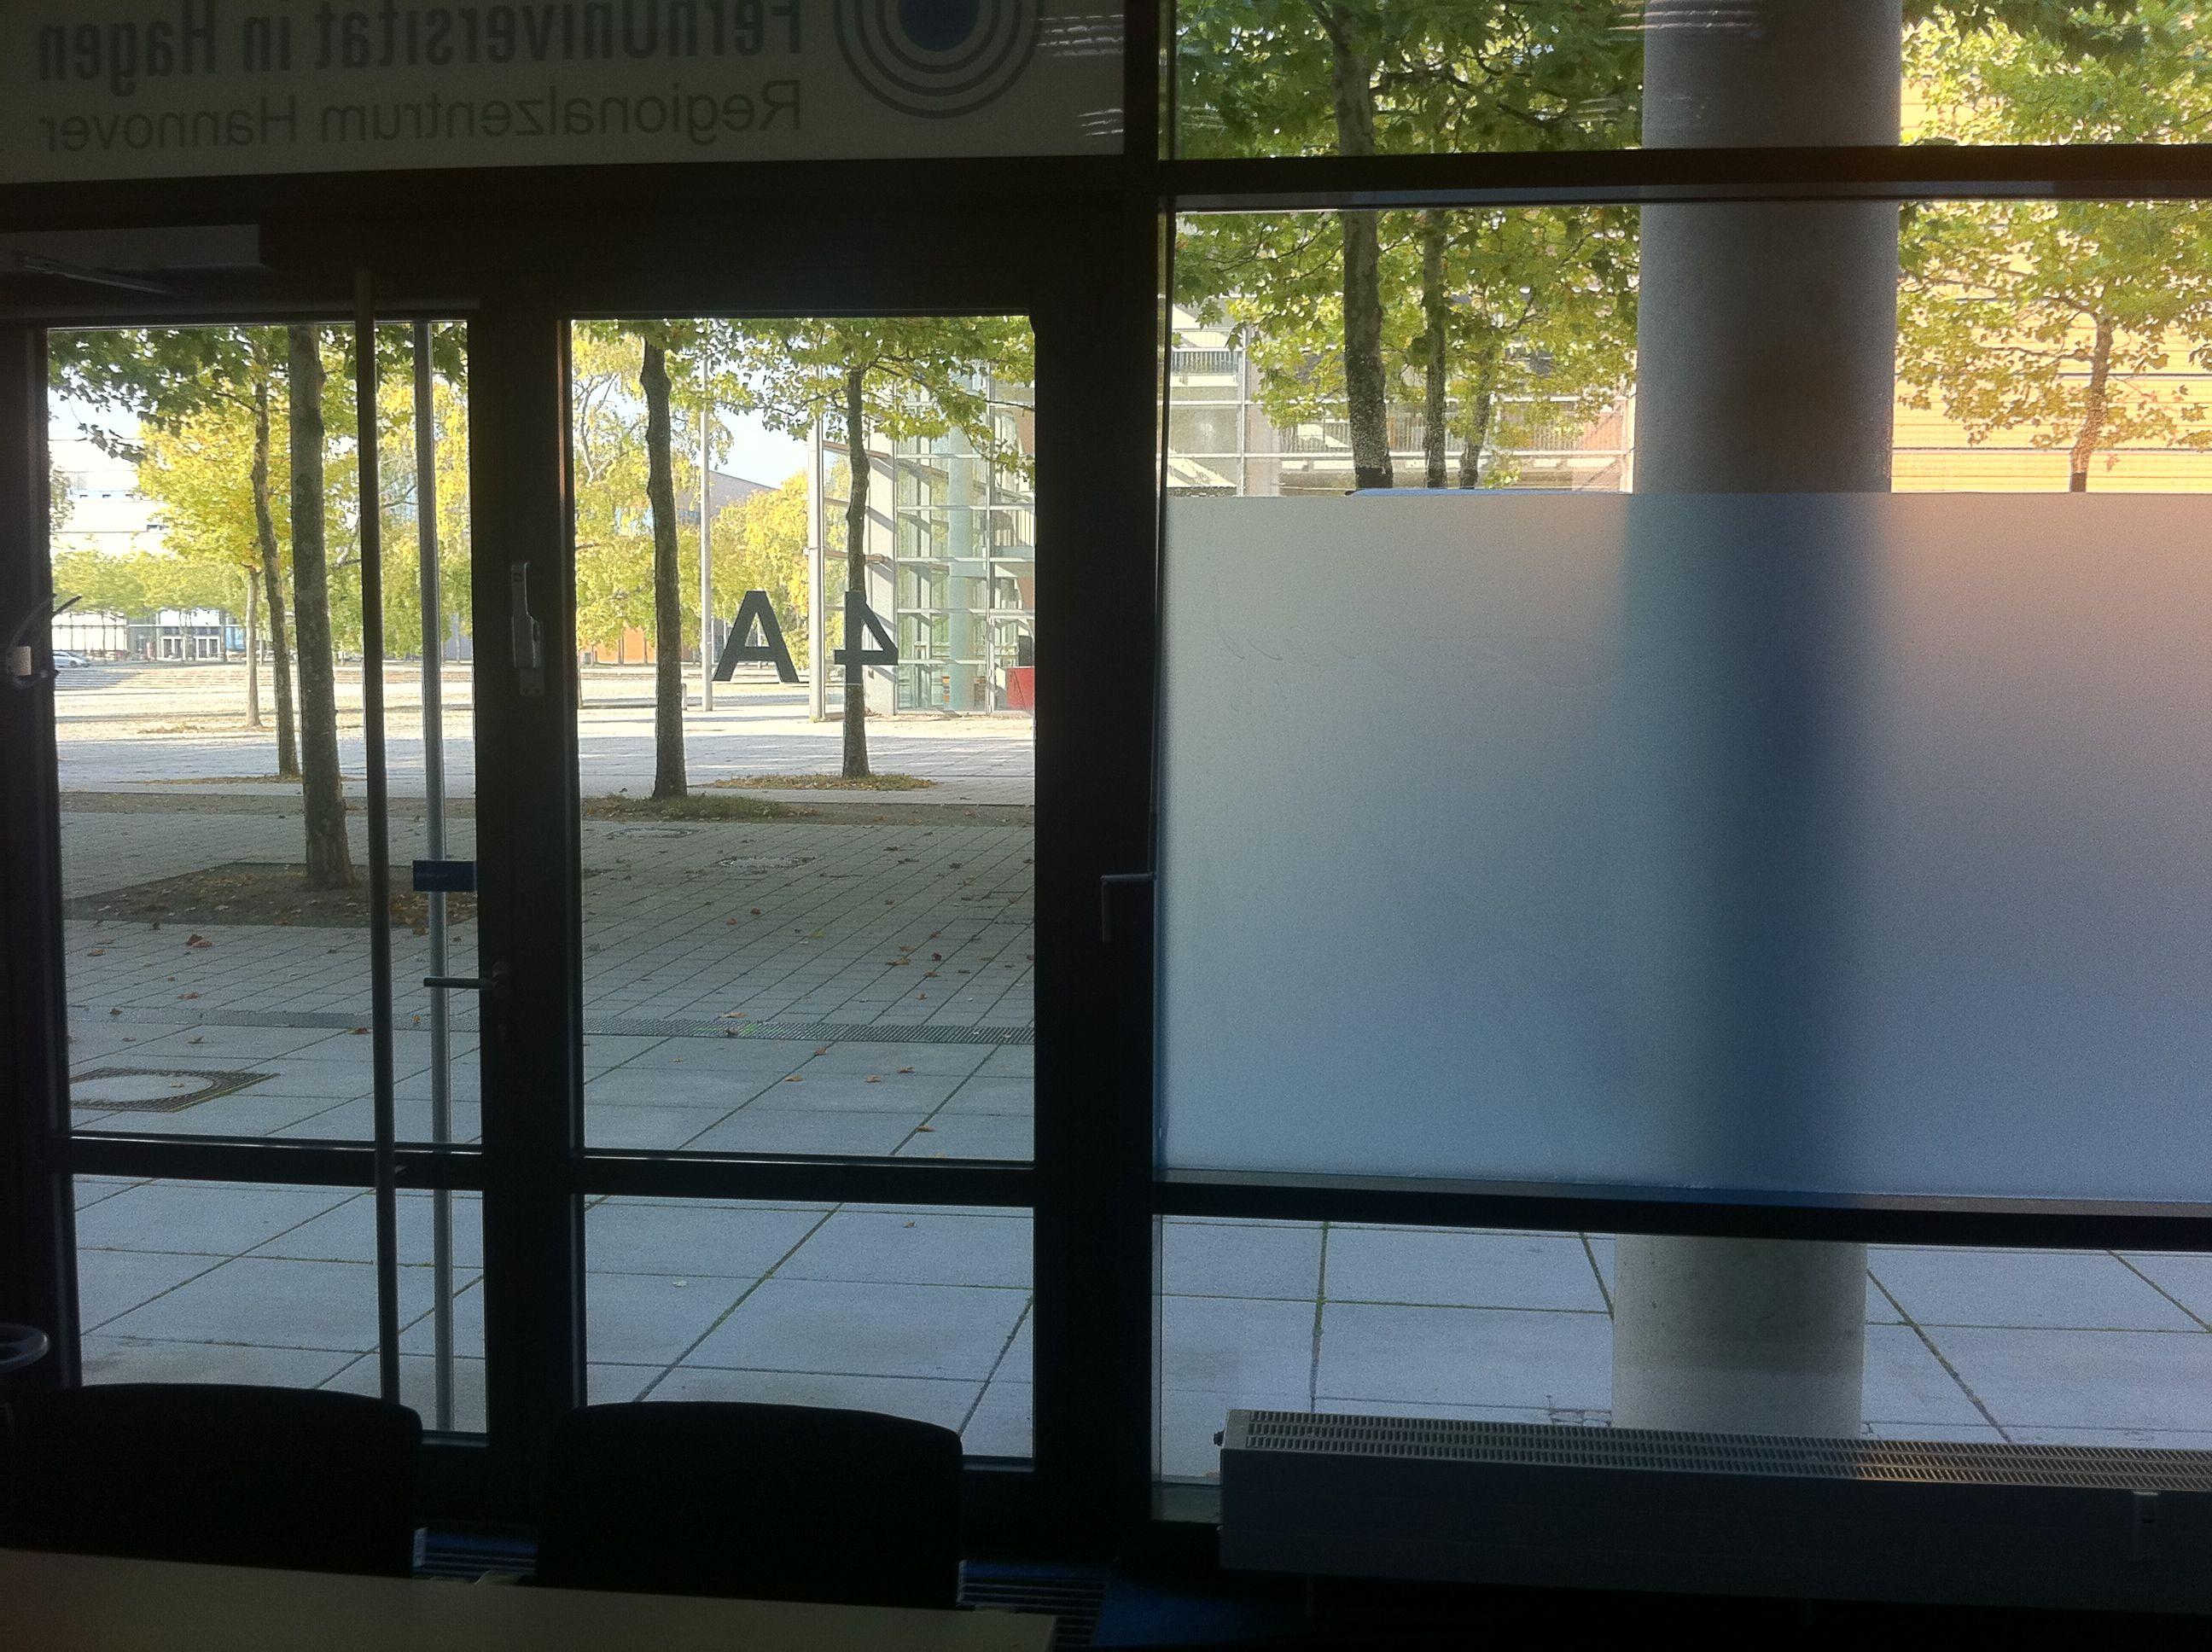 Sichtschutz aus Folie auf Glas Sonstige Folienarbeiten